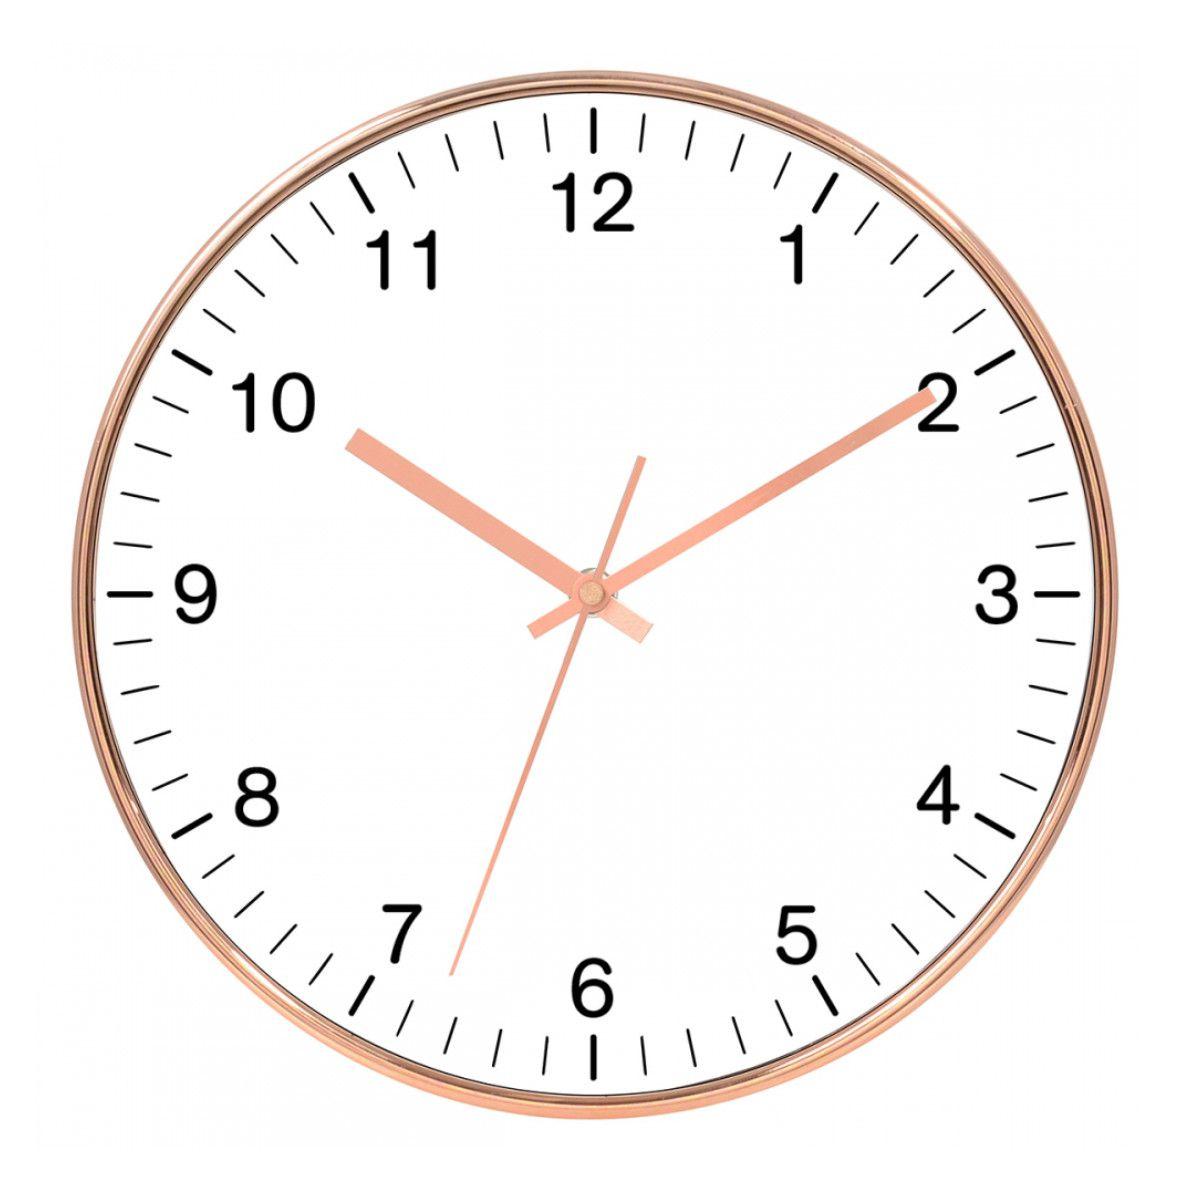 Relógio de Parede Decorativo - Rose Gold e Branco